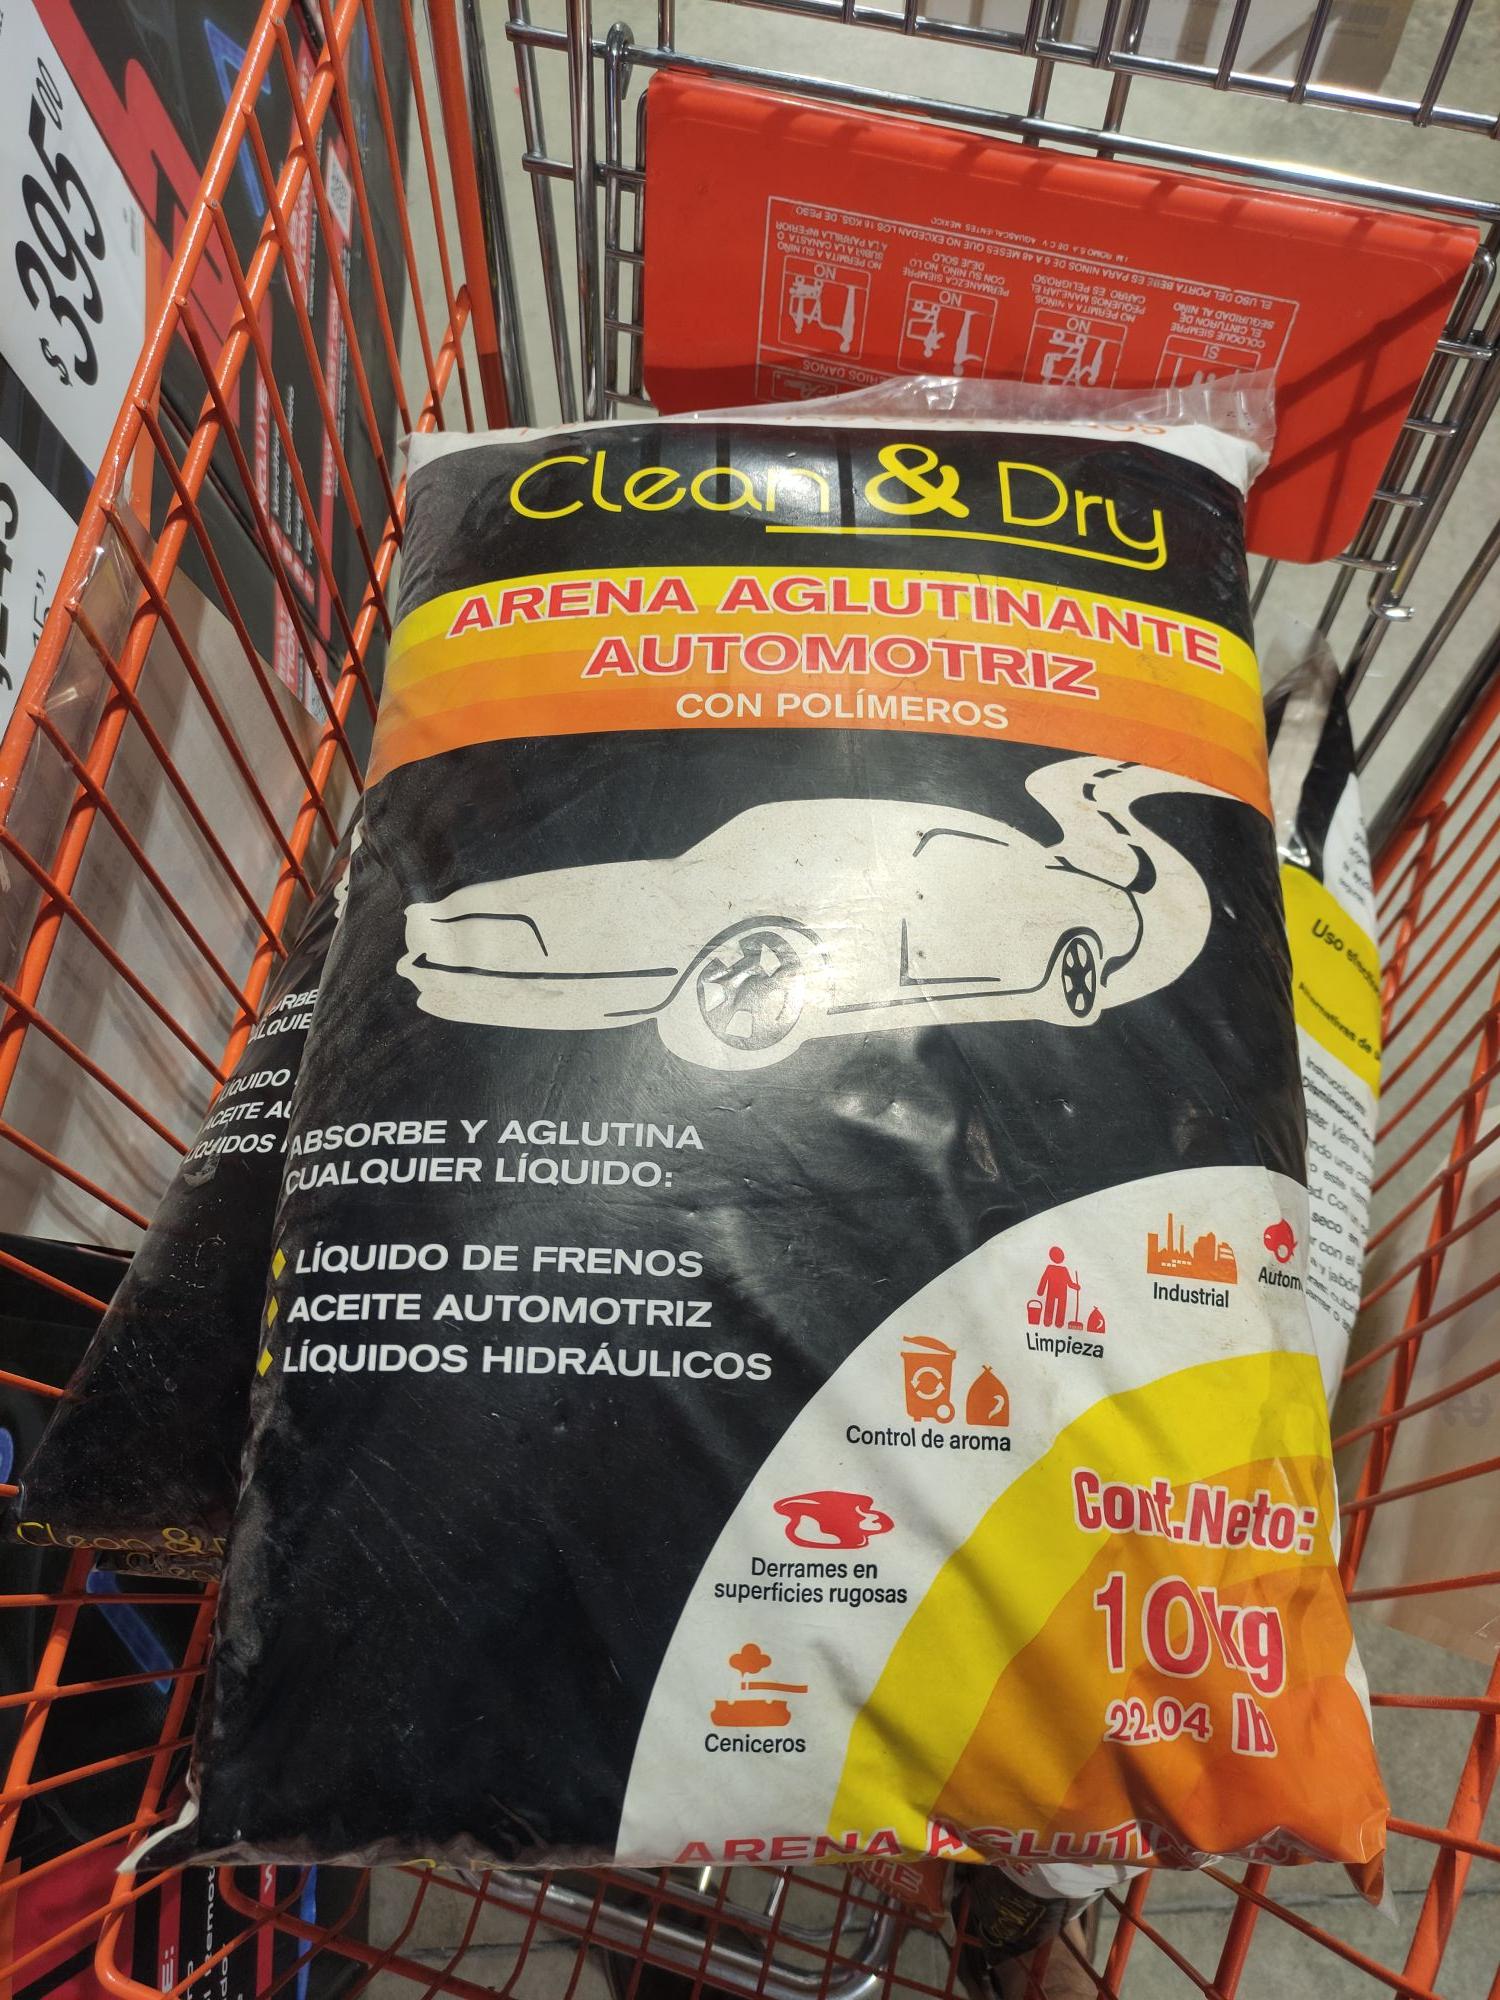 Chedraui: Arena Automotriz Clean & Dry Absorbente